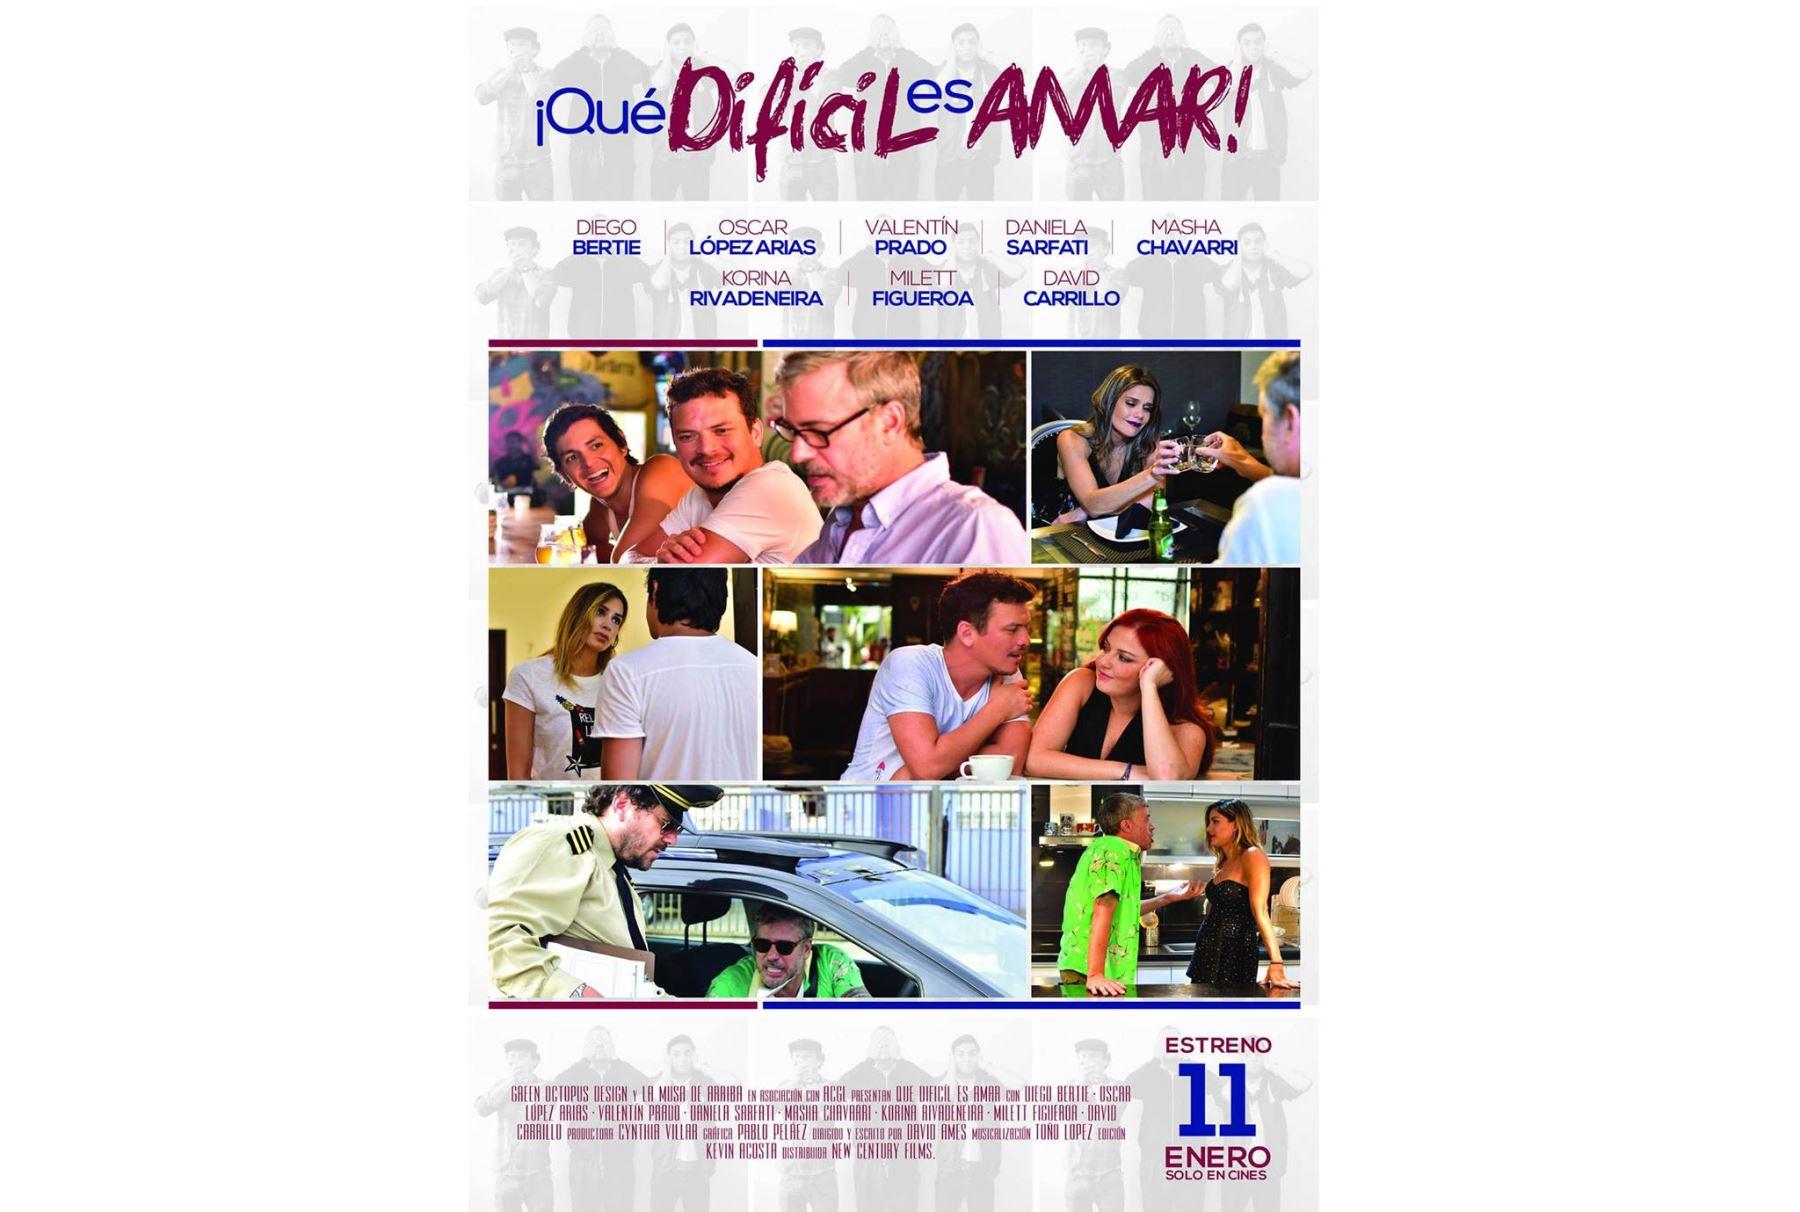 ¡Qué Difícil es Amar!, la película de Diego Bertie estrena trailer